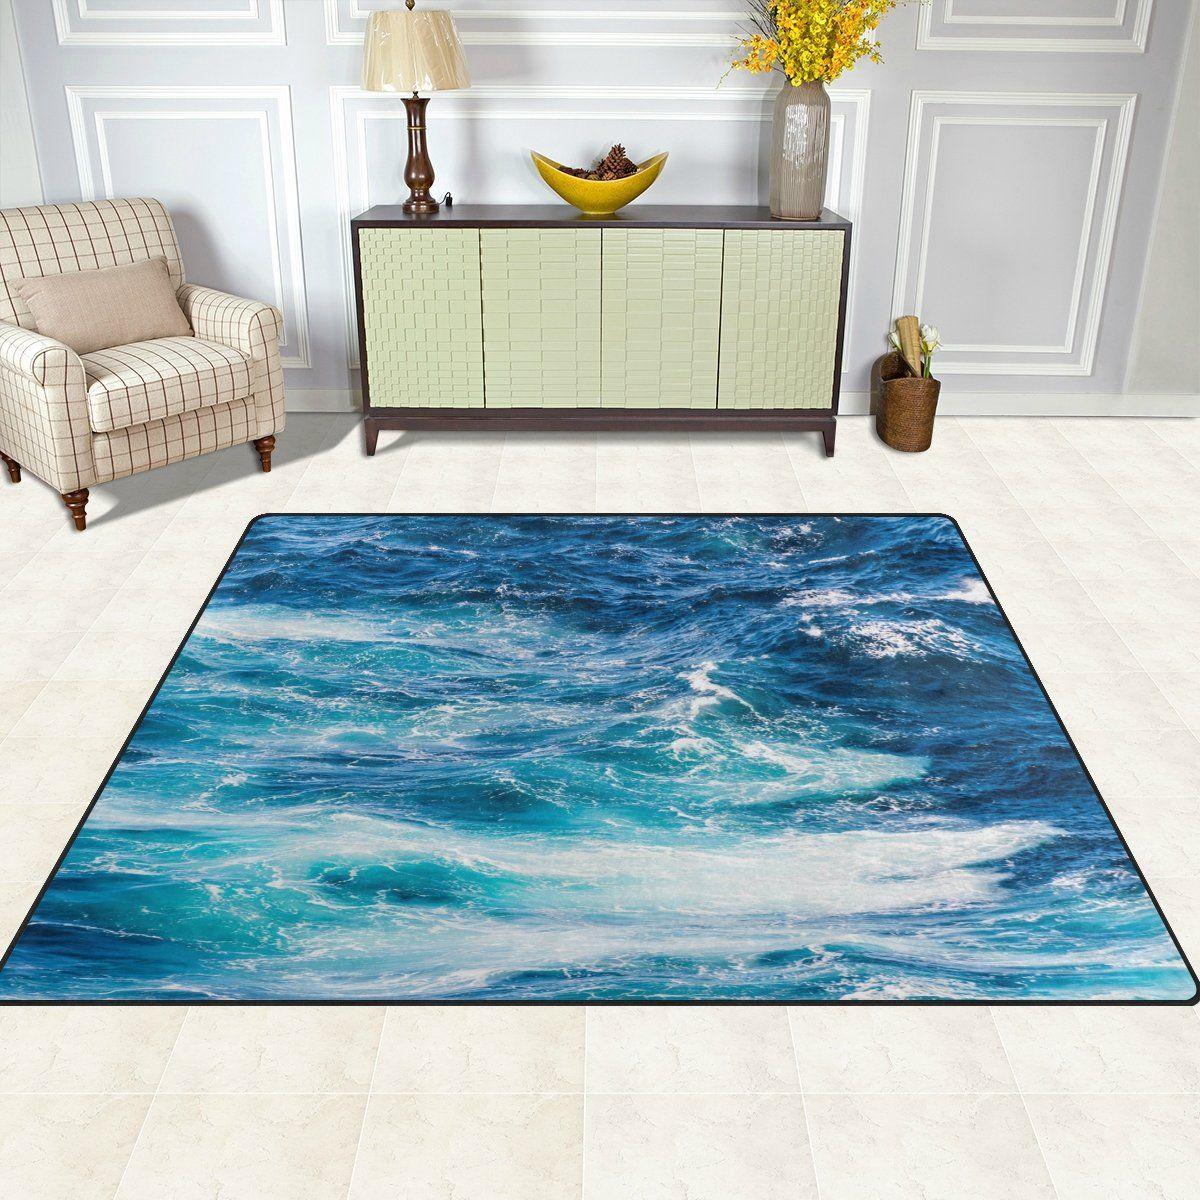 Naanle Blue Sea Waves Area Rug 5x7 Atlantic Ocean Waves Polyester